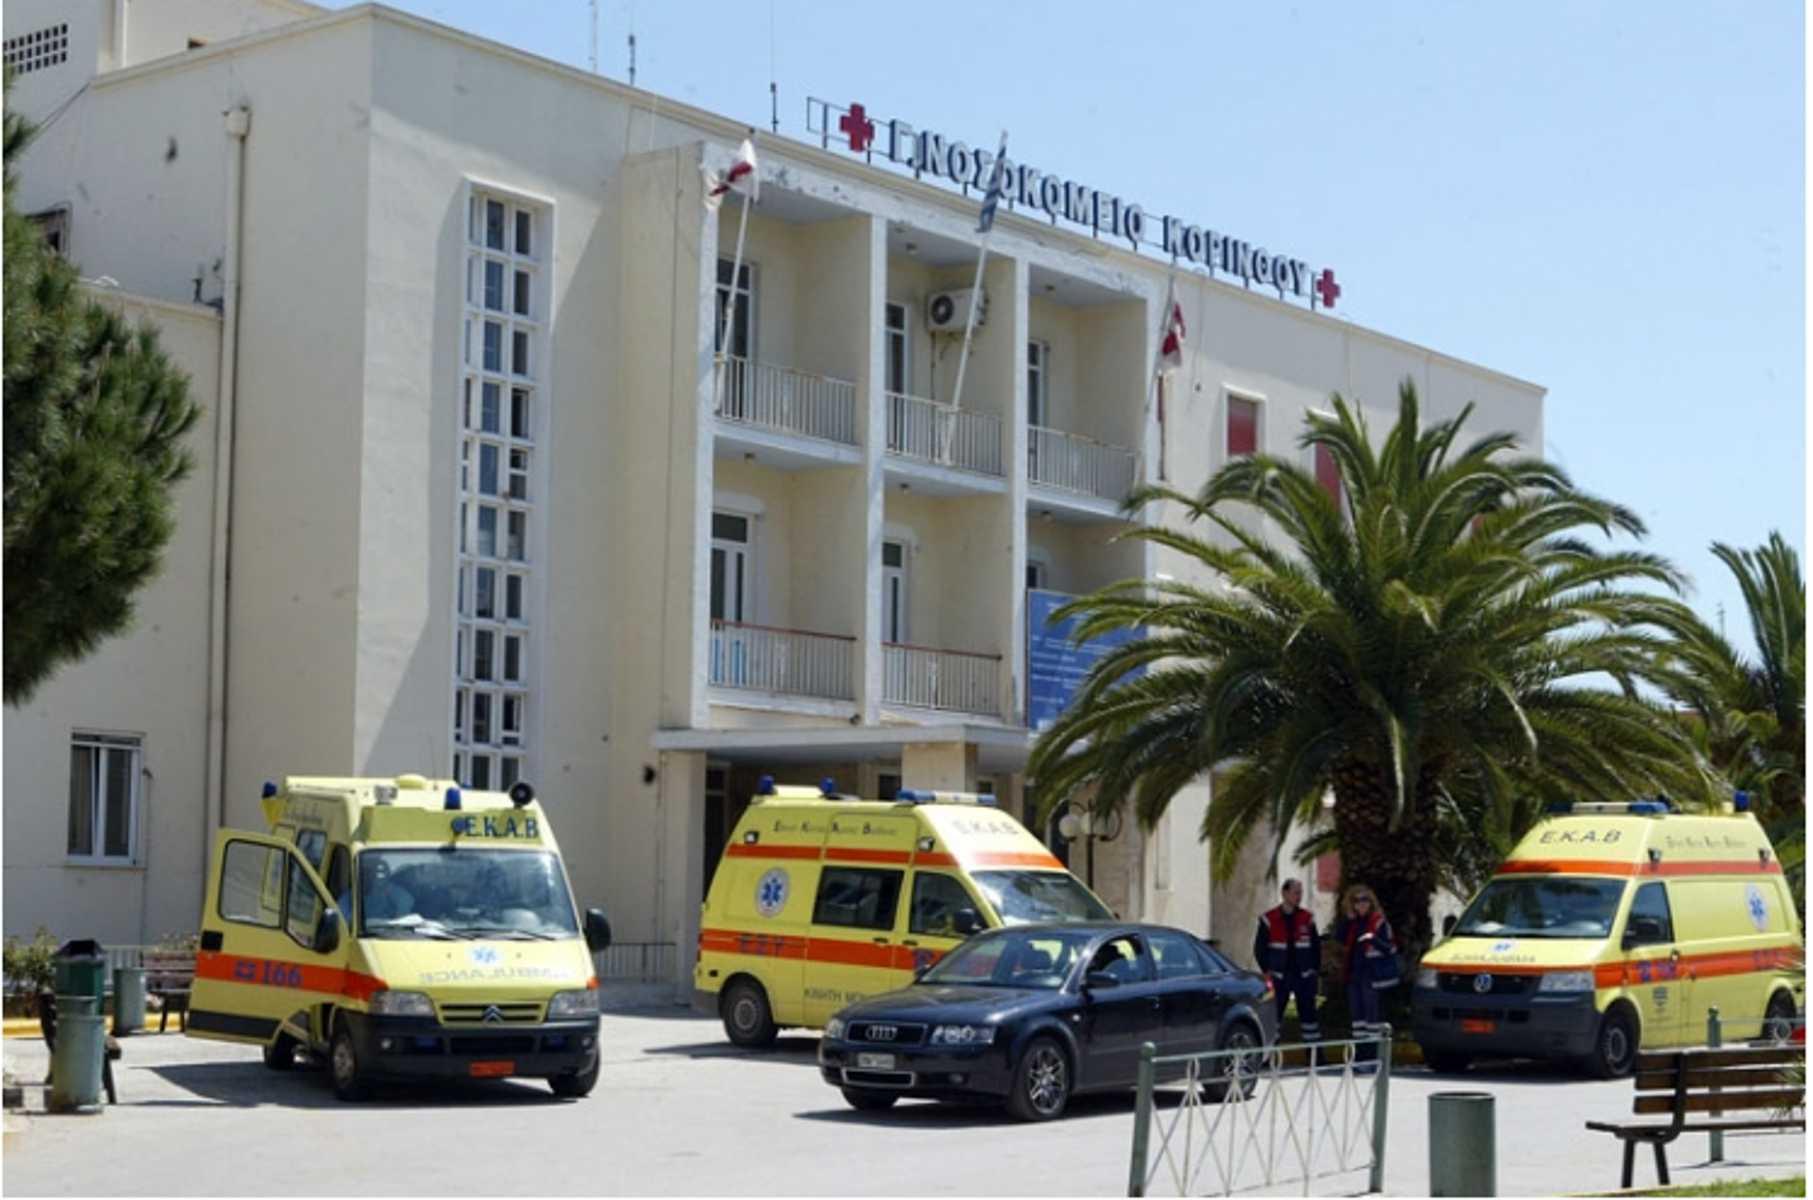 Κόρινθος: Θρίλερ με την εξαφάνιση 61χρονου γιατρού – Τον ψάχνουν στον Ισθμό